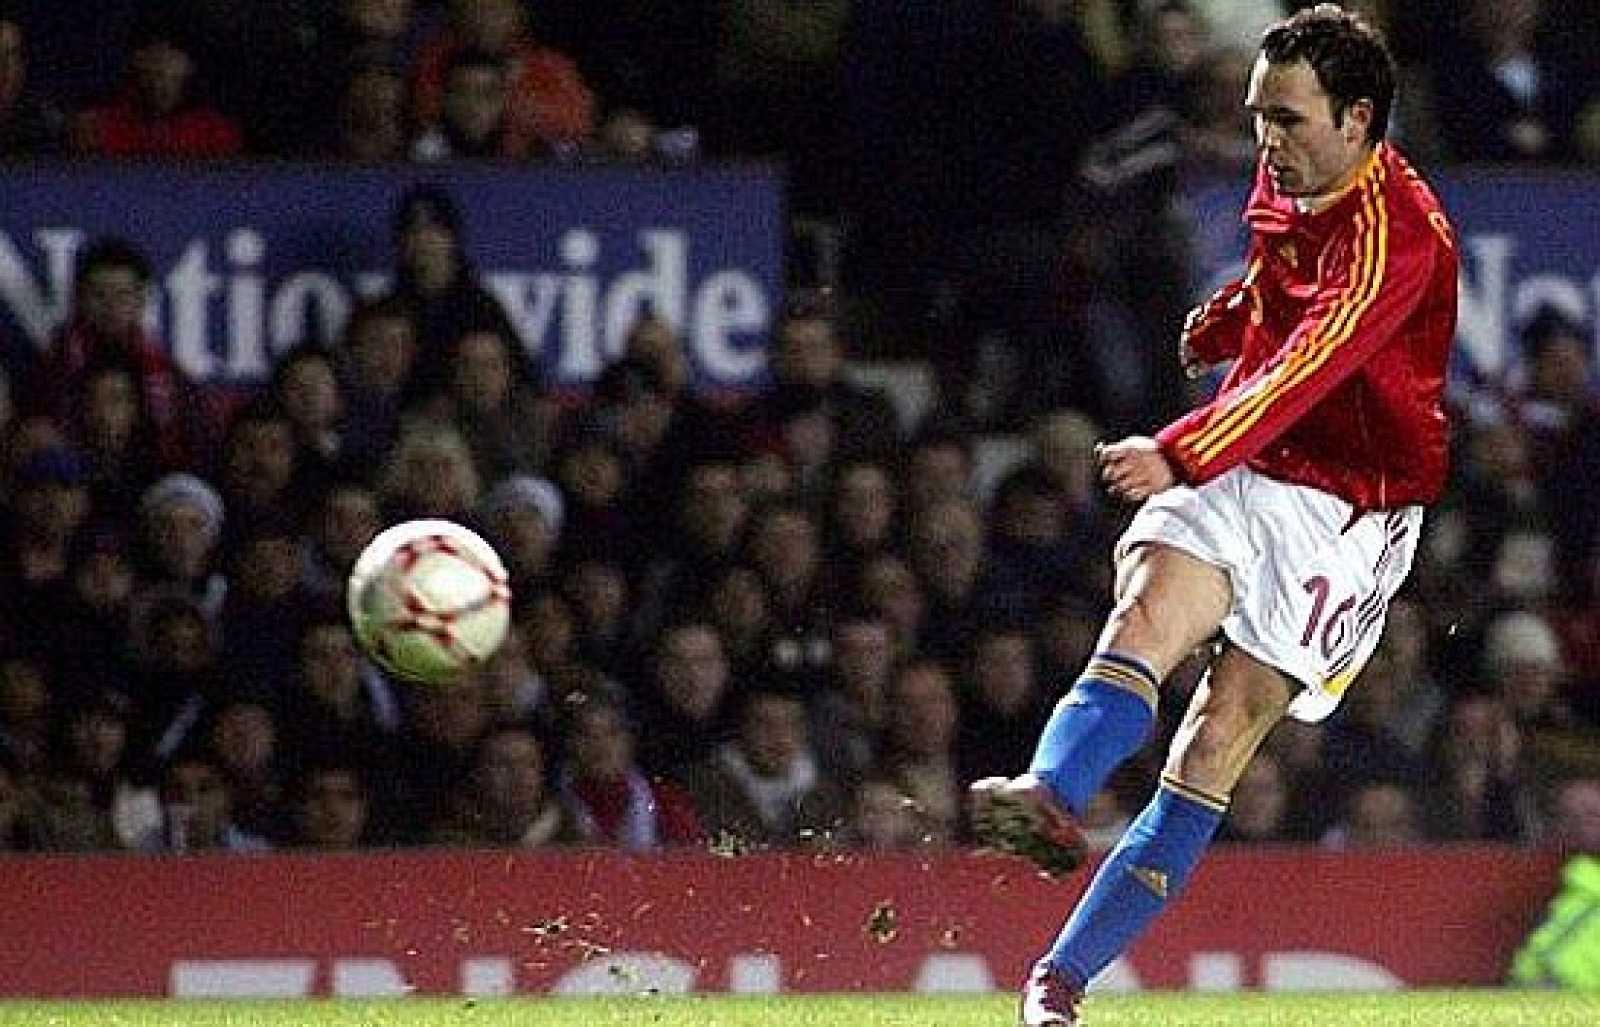 La España de Aragonés se enfrentaba a Inglaterra en 2007 y un golazo de Iniesta tumbó a los ingleses. Ya se fraguaba la campeona de la Eurocopa de 2008